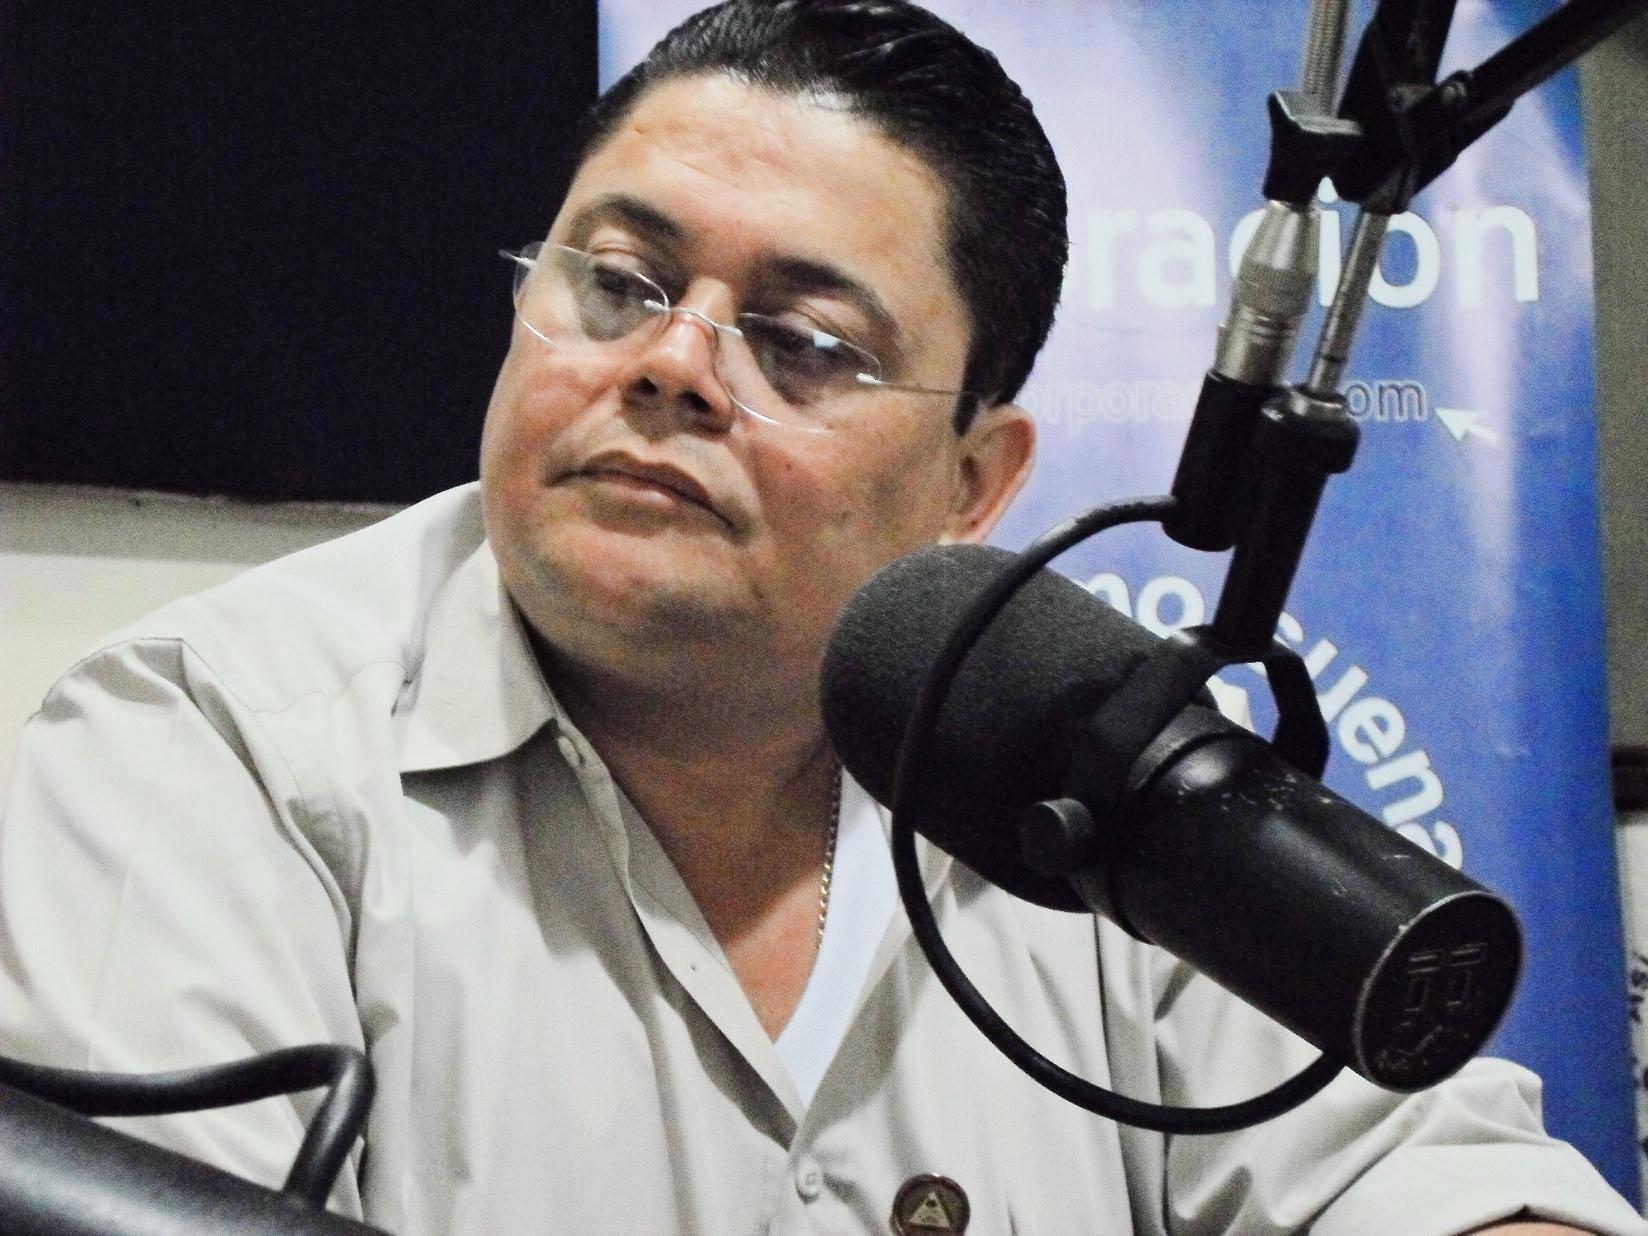 Vidal Almendarez Presidente de FENICOOTAXI_Foto_Alexander Silva Vanegas_Radio Corporacion_